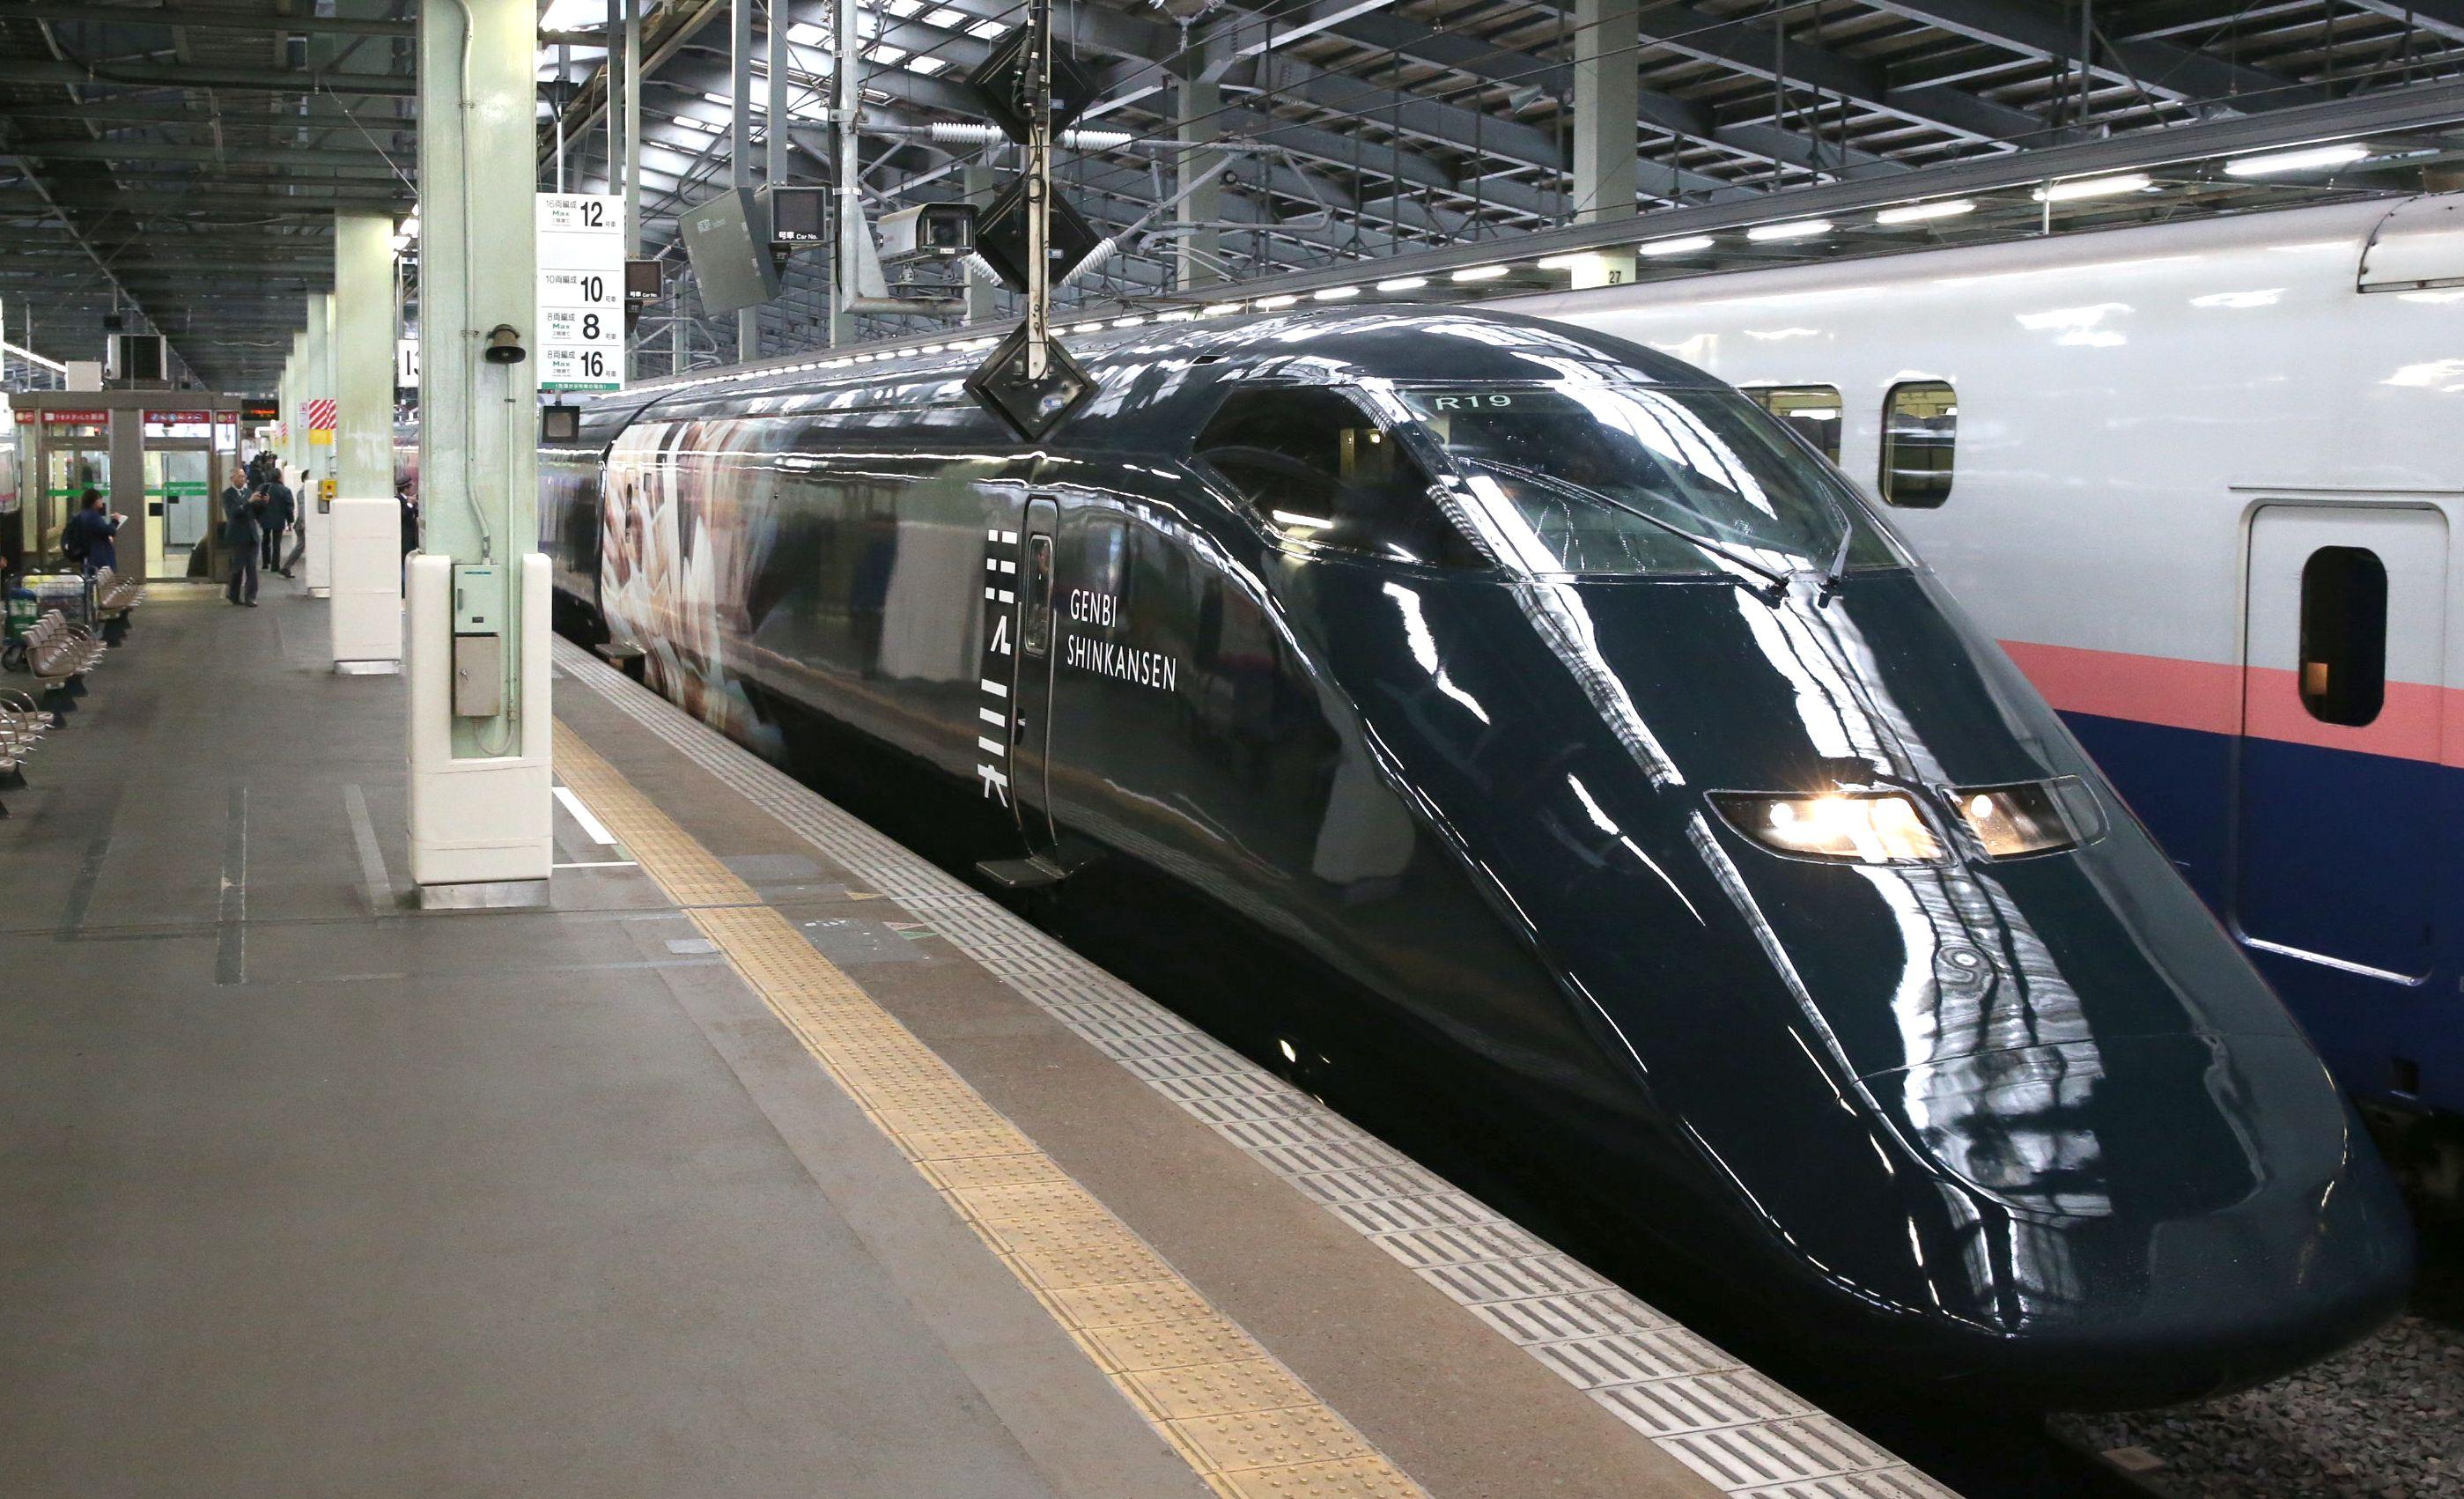 JR新潟駅の新幹線ホームに到着した現美新幹線の先頭部分=12日、新潟市中央区